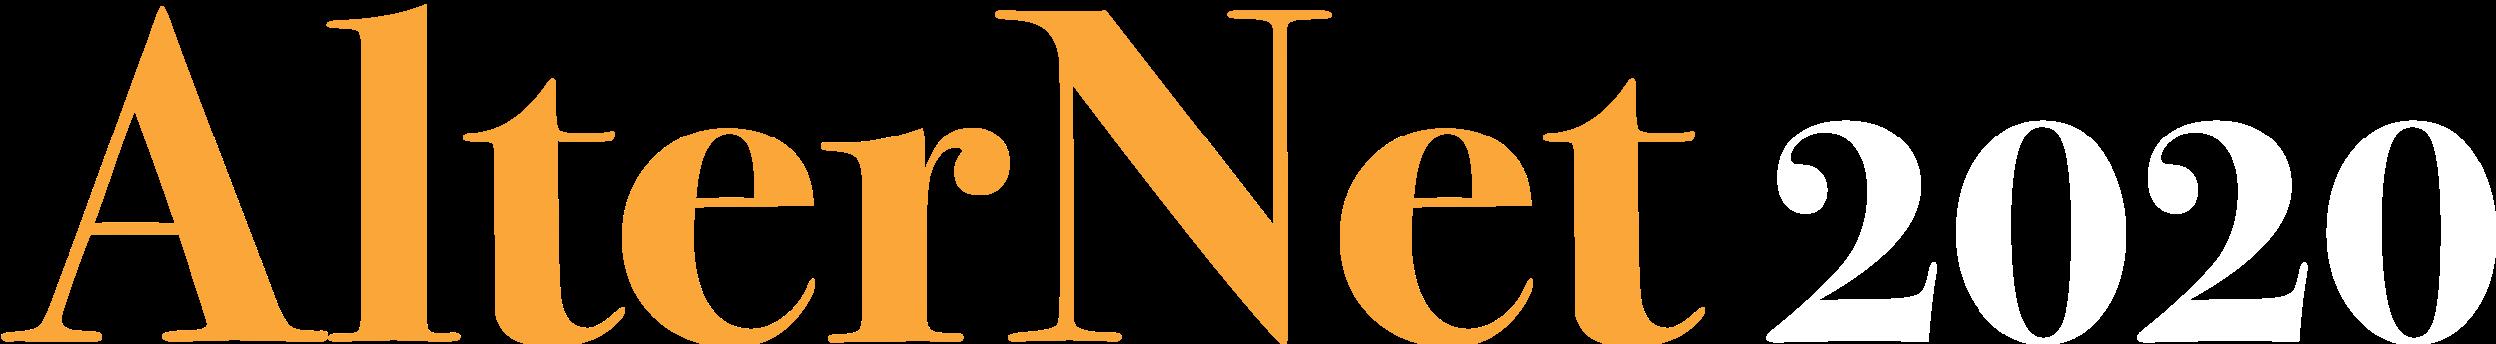 Alternet Org